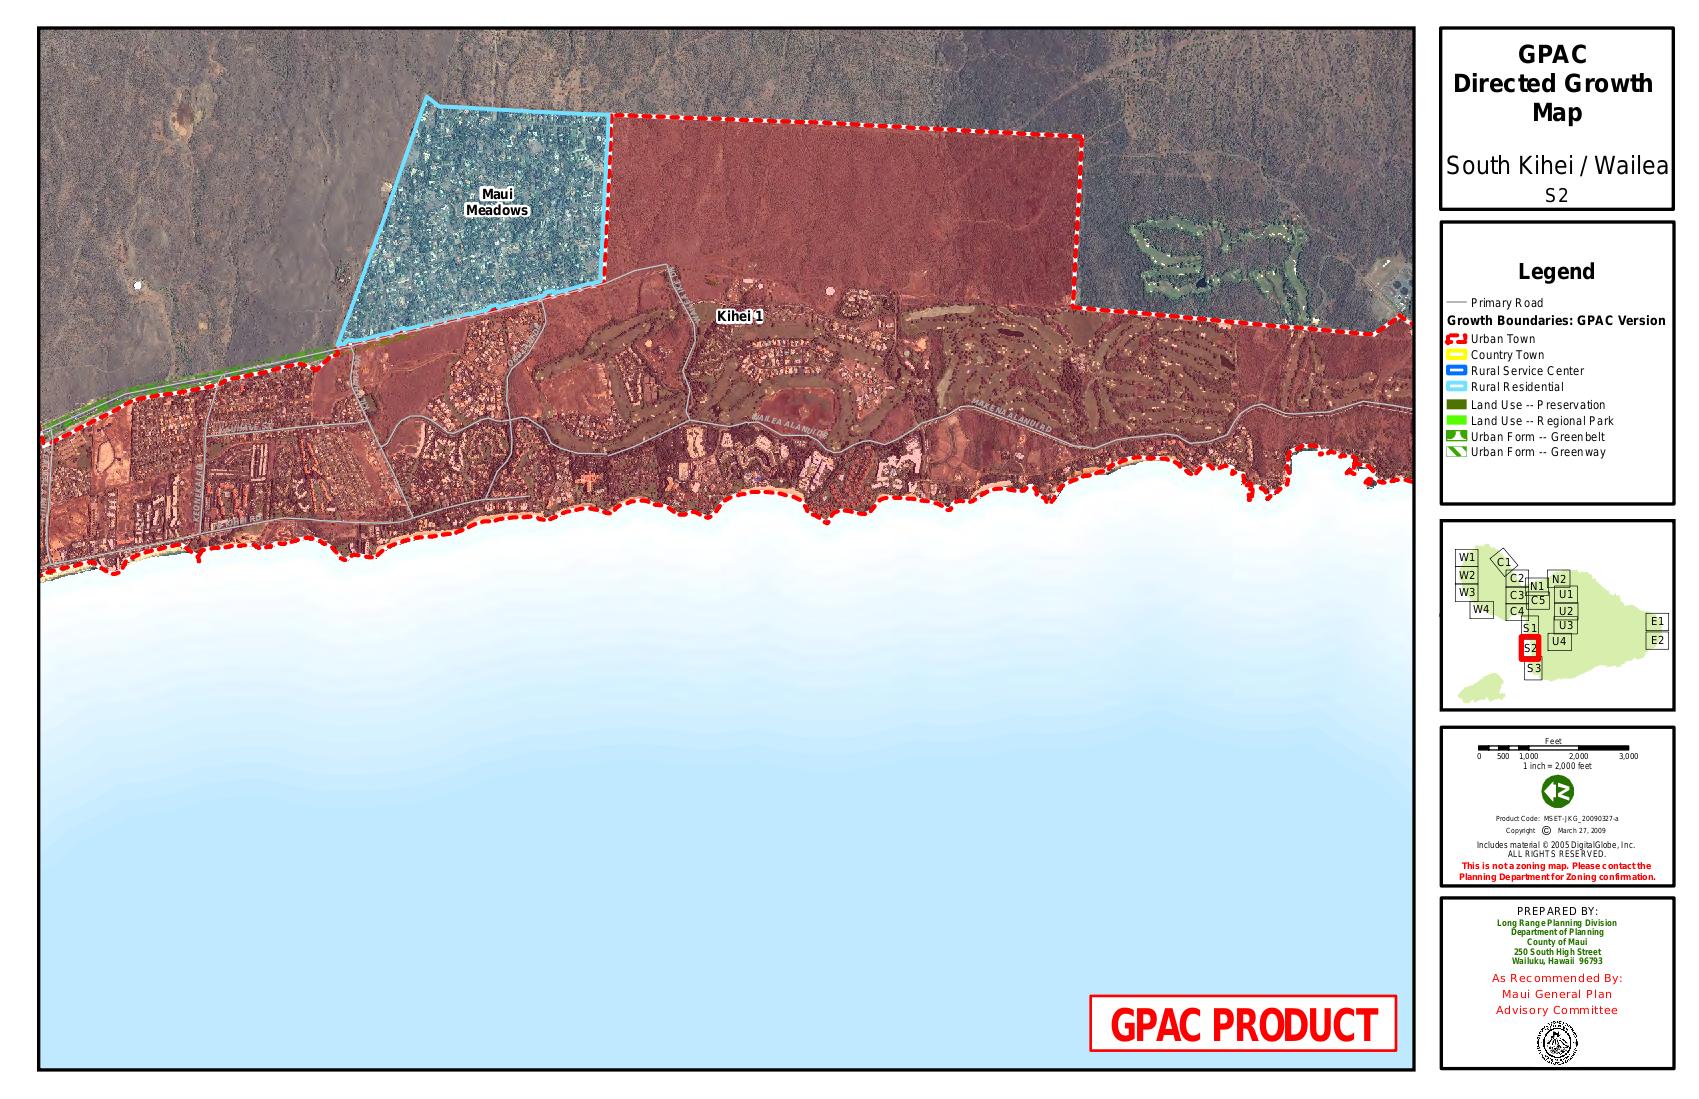 GPAC Directed Growth Map South Kihei Wailea Maui Tomorrow Foundation